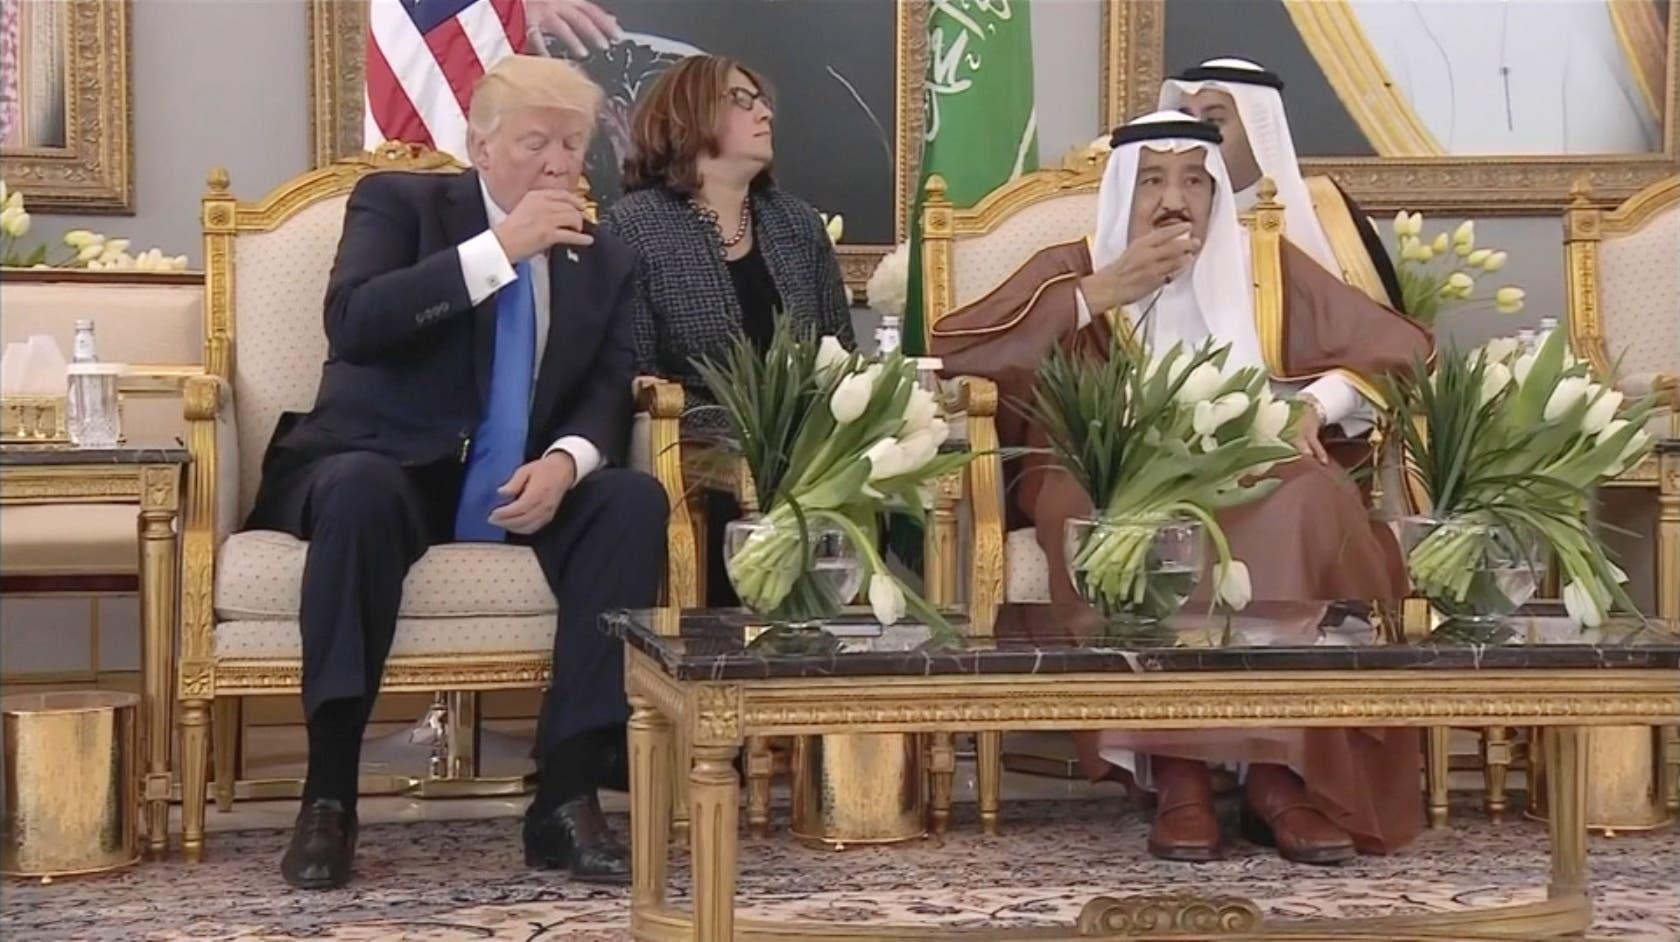 ملک سلمان و ترامپ در حال نوشیدن قهوه عربی در سالن فرودگاه ریاض